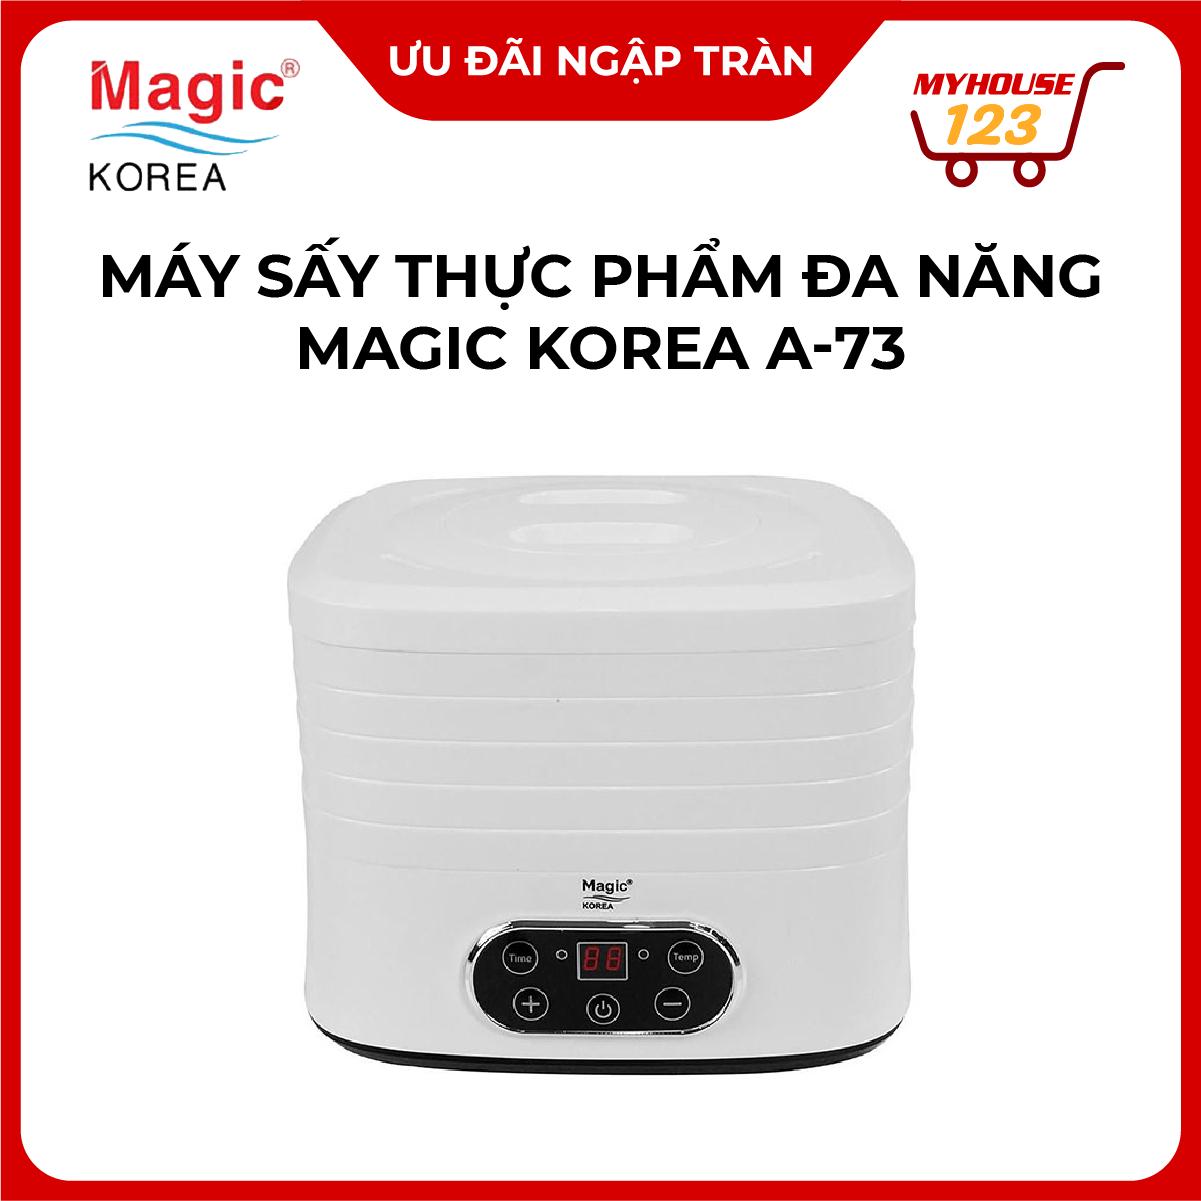 Máy sấy thực phẩm đa năng Magic Korea A-73